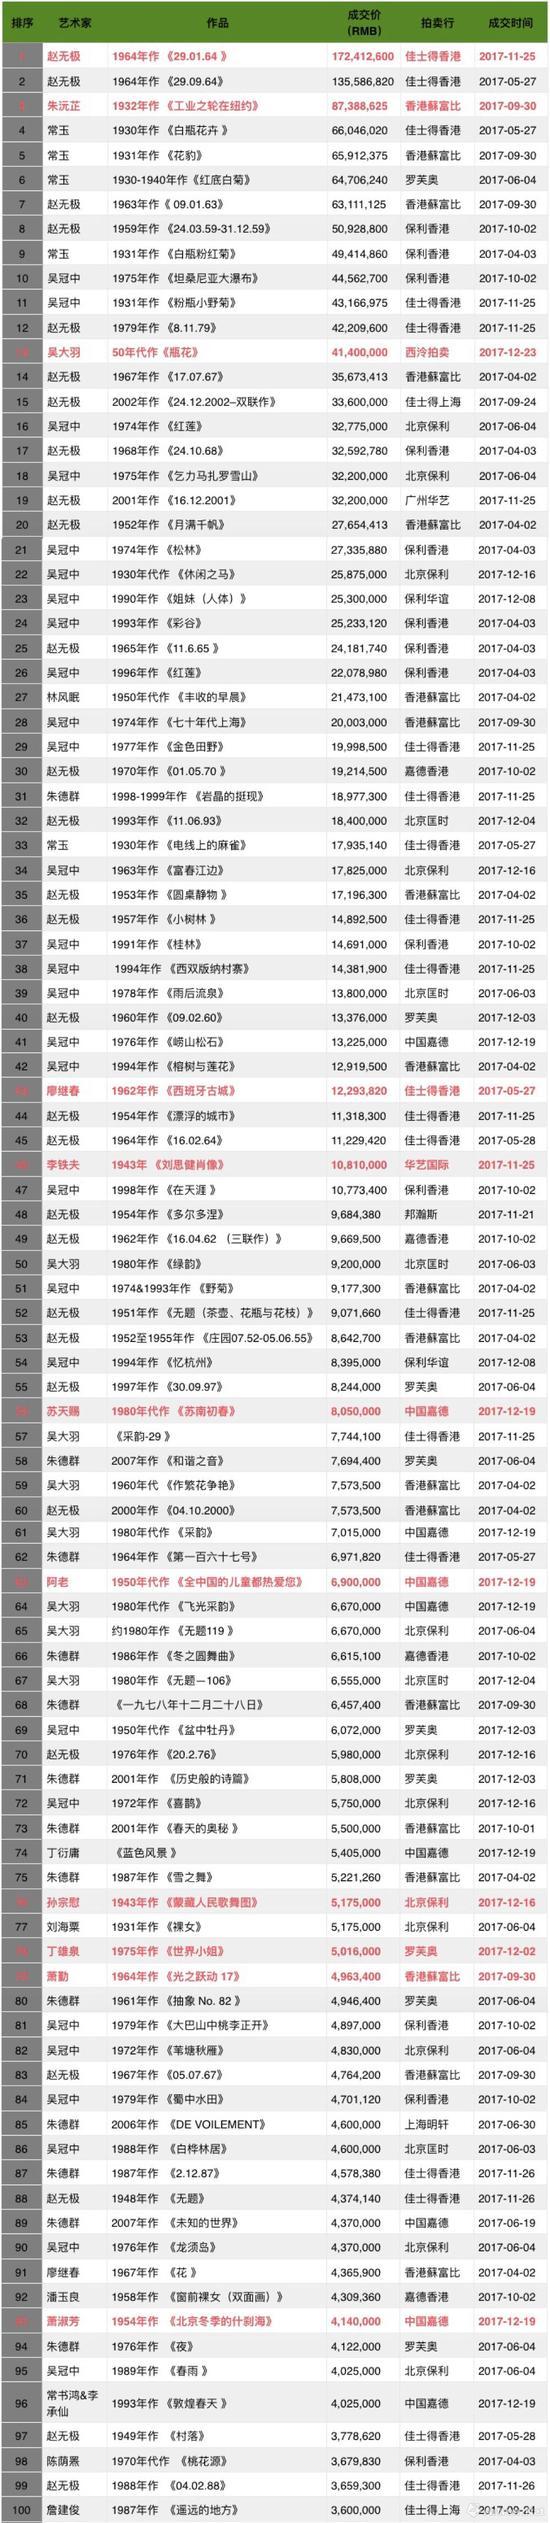 2017年度二十世纪艺术拍卖成交TOP100(数据来源\制图:雅昌艺术网)